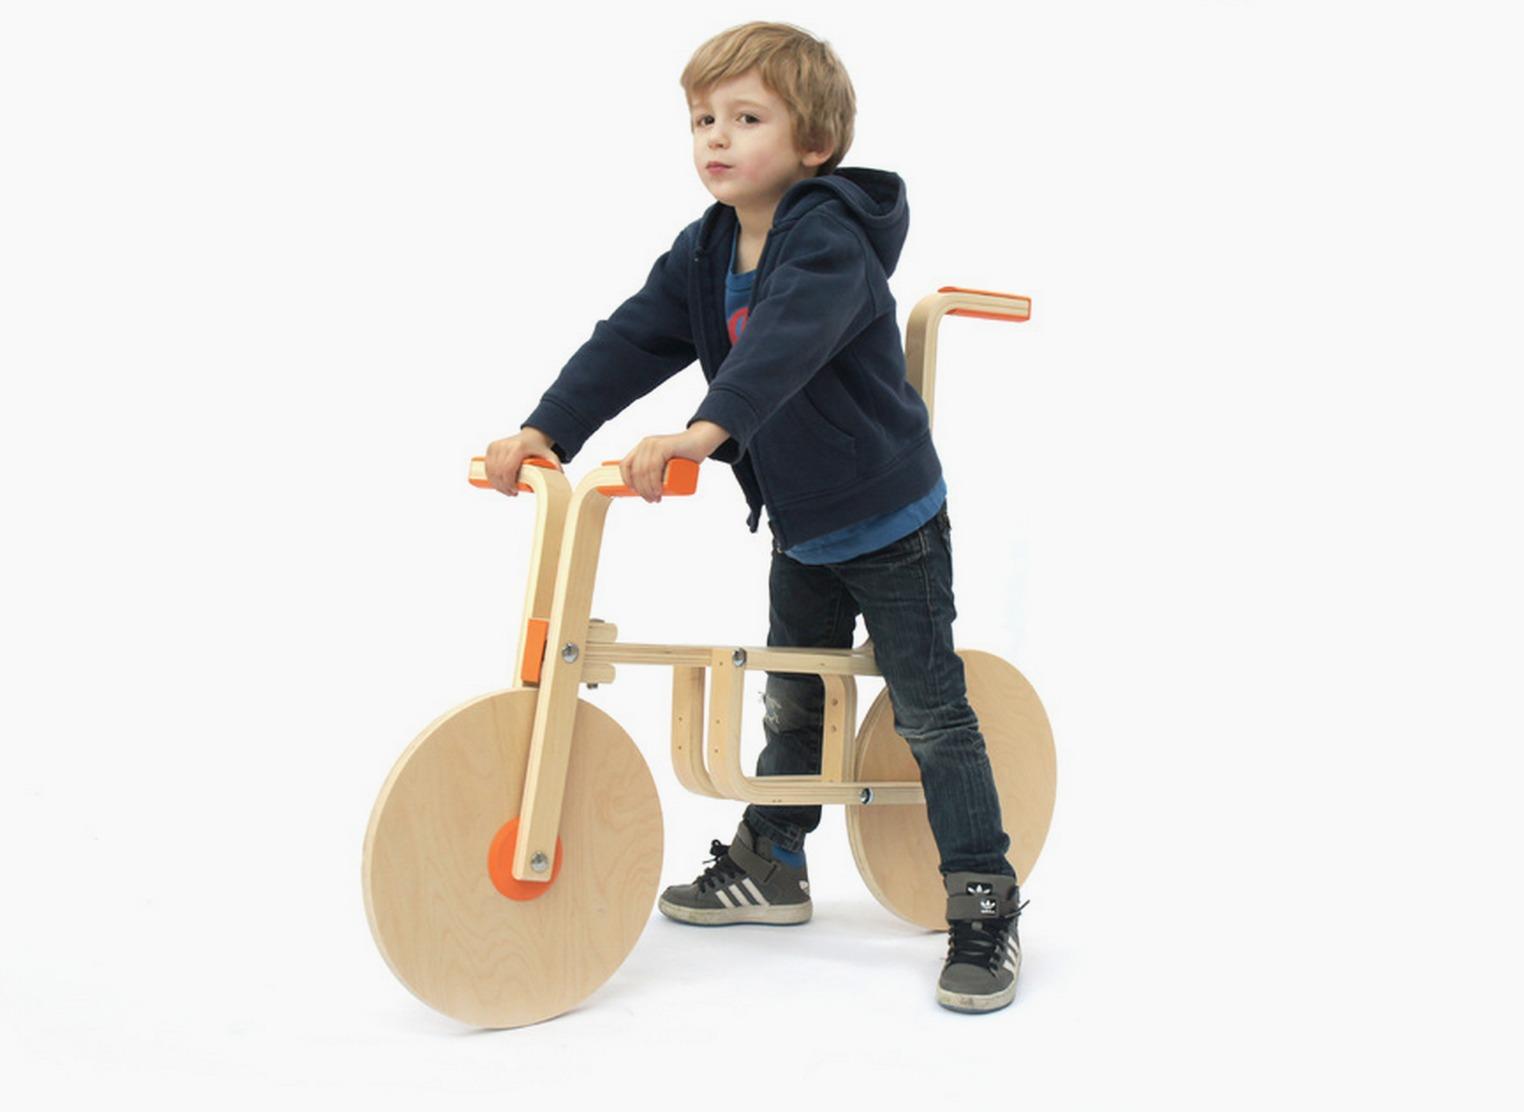 ikea stool now a bike